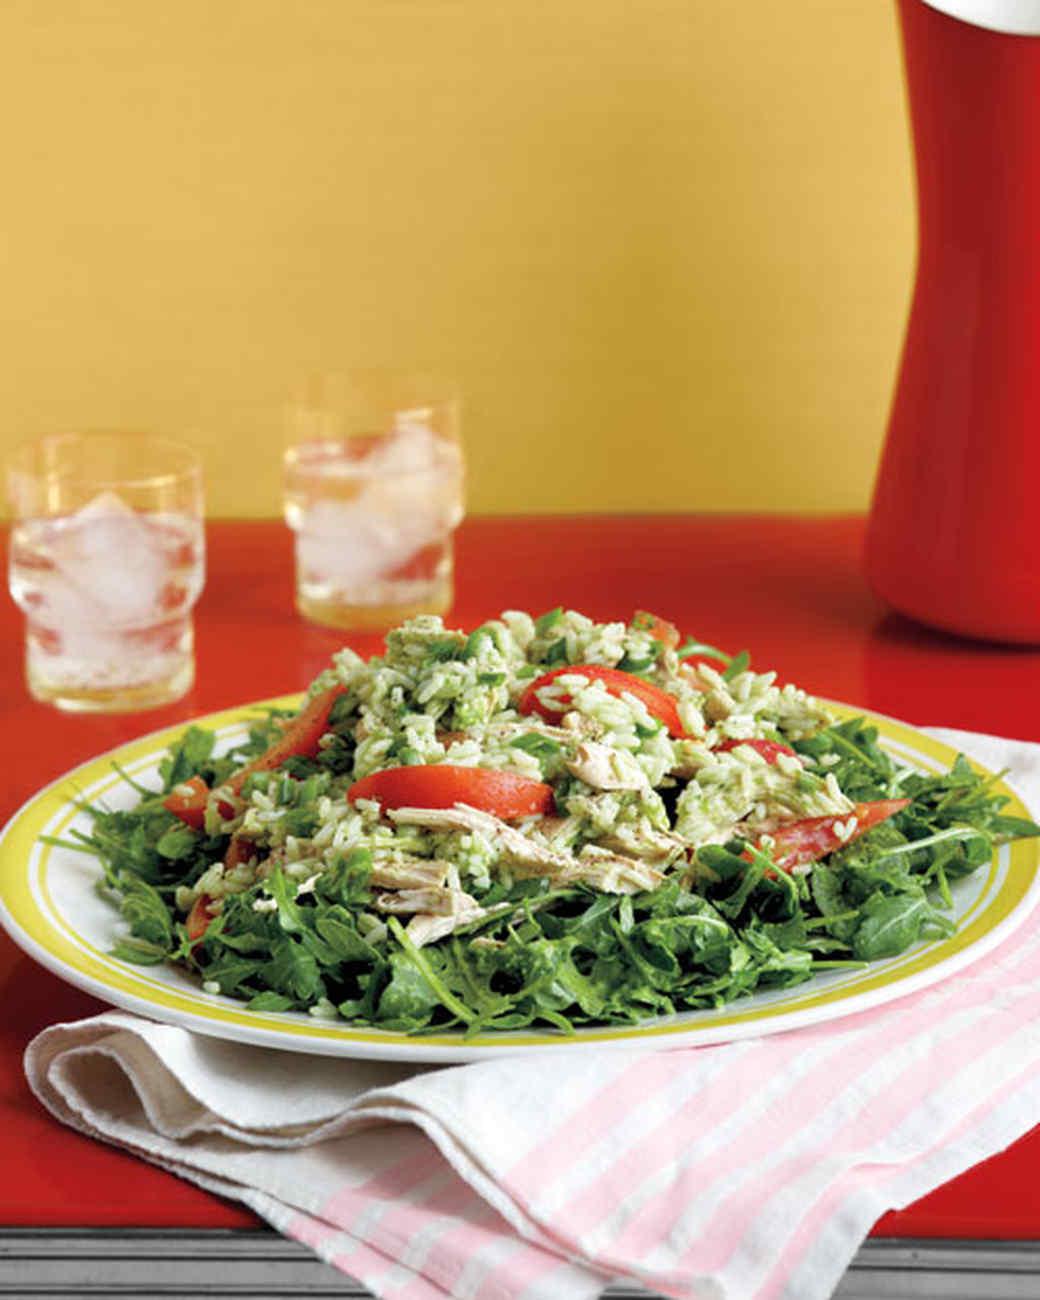 arugula-salad-0611med107092bag.jpg